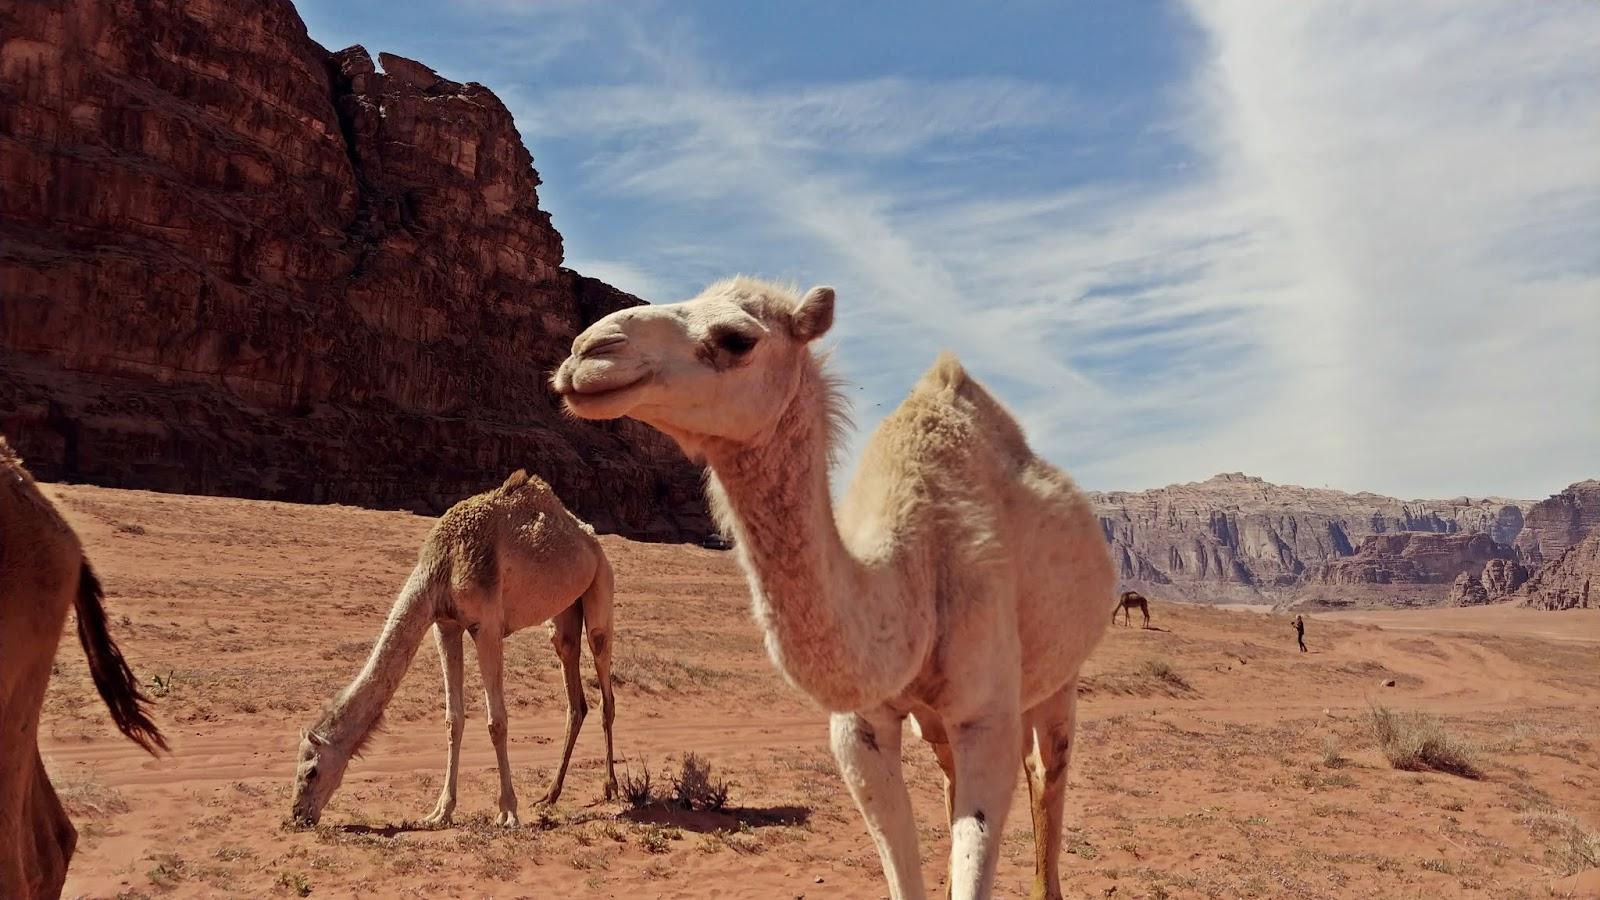 Wadi Rum wielbłądy na pustyni